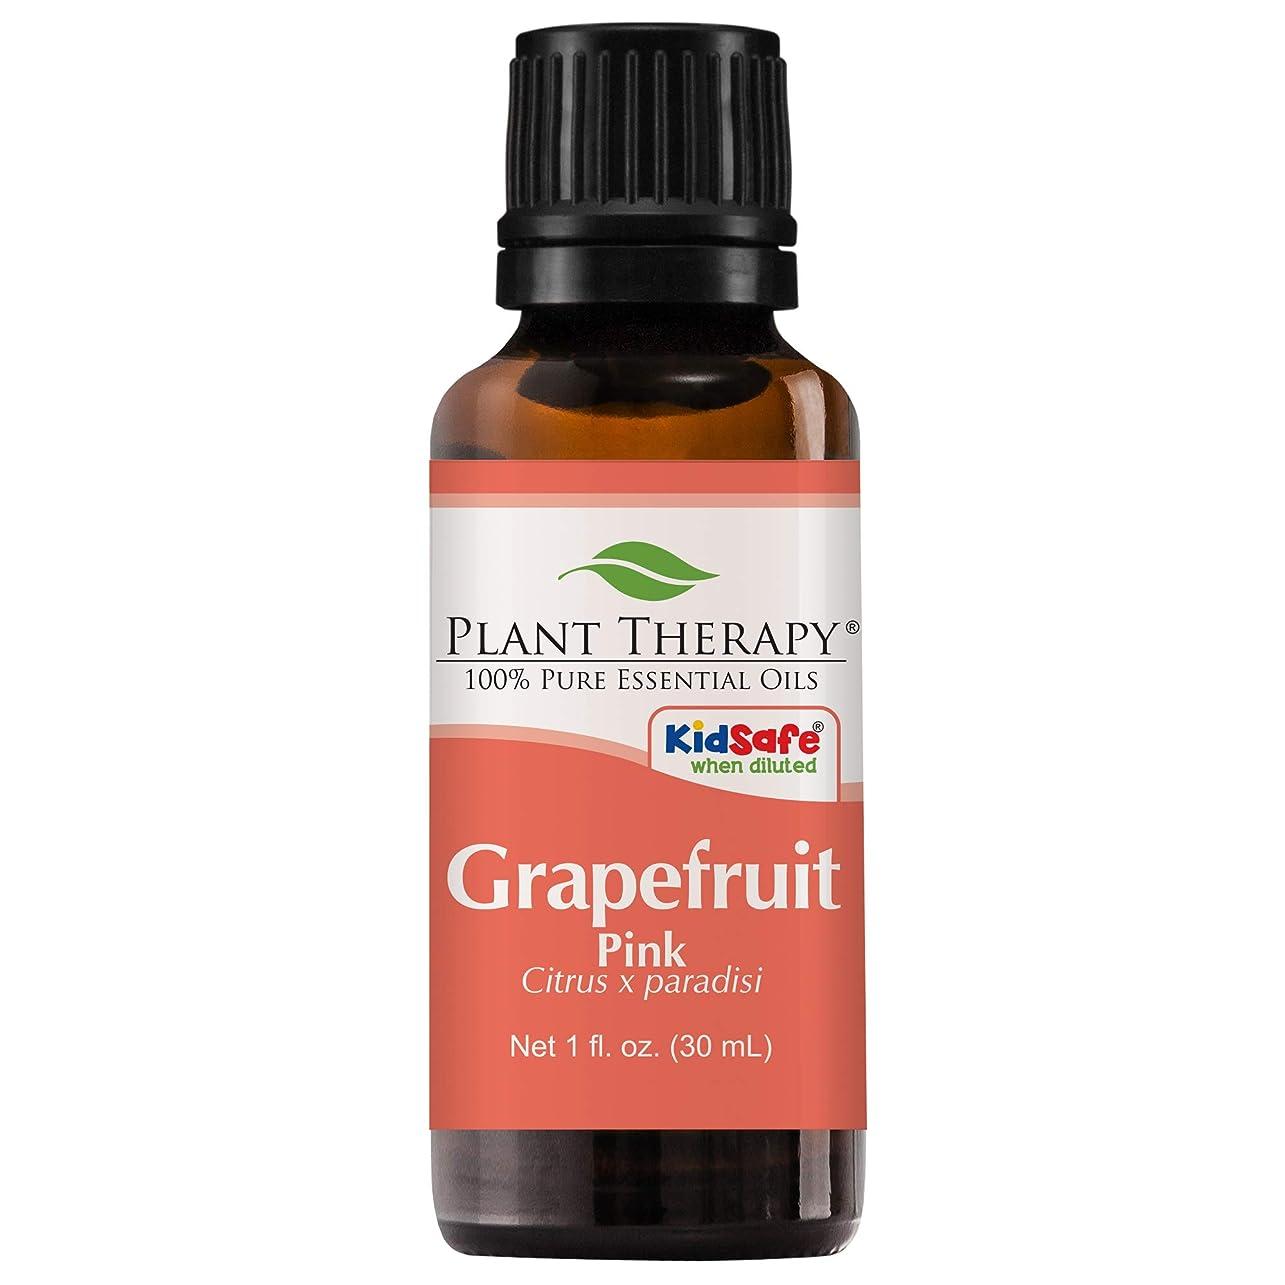 閉じる鹿ガイダンス植物セラピーグレープフルーツ(ピンク)エッセンシャルオイル。 100%ピュア、希釈していない、治療グレード。 30ミリリットル(1オンス)